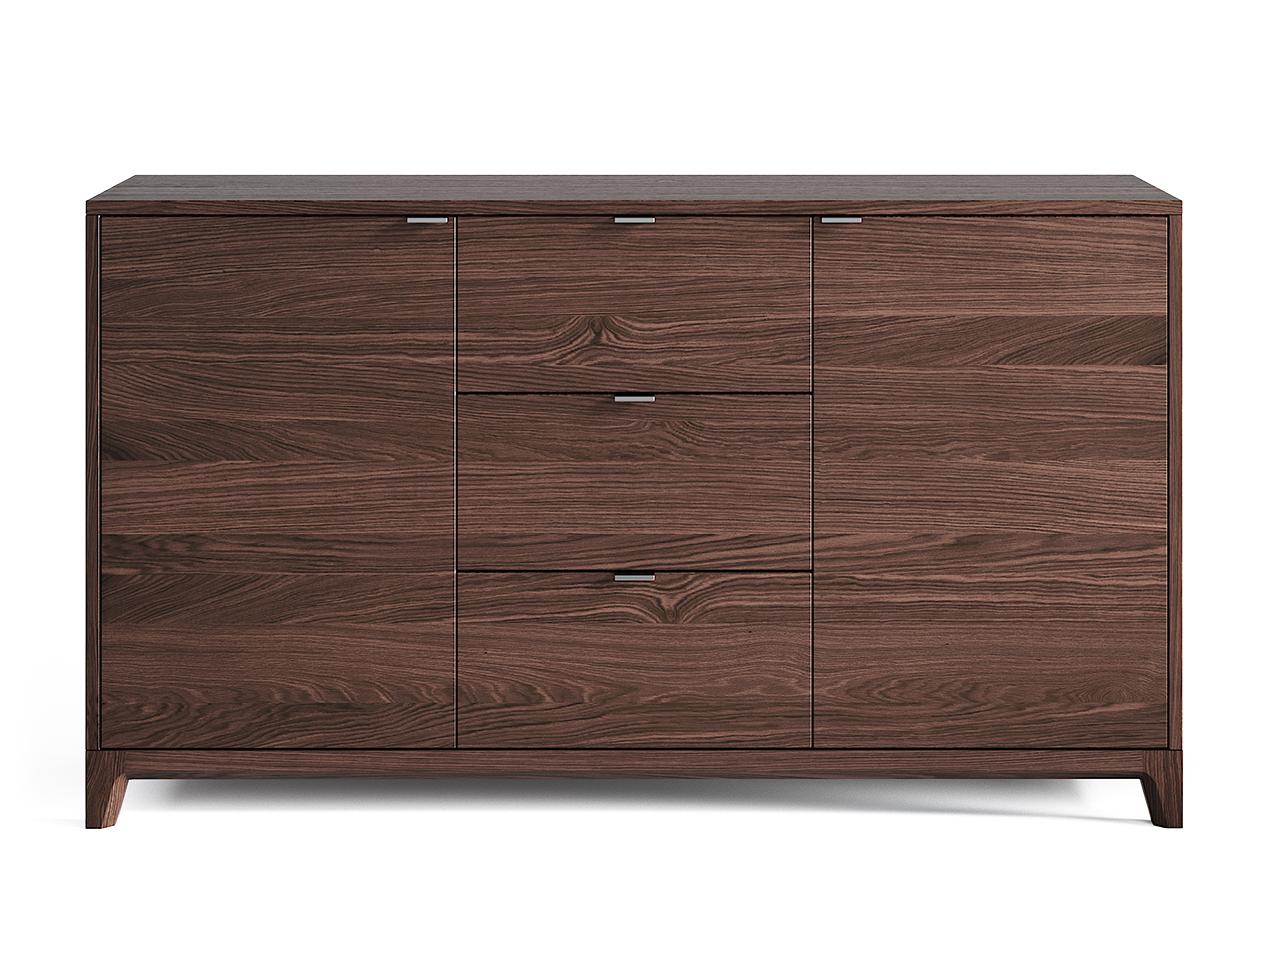 Комод Case (Темный дуб)Интерьерные комоды<br>Элегантность и практичность, неповторимая фактура дерева и современный дизайн гармонично сочетаются в комоде CASE.Базовая ширина комода – 140 см, поэтому на нем можно разместить целый ряд предметов.Комод очень вместителен и может использоваться в любом помещении - гостиной, спальне или даже в офисе.&amp;lt;div&amp;gt;&amp;lt;br&amp;gt;&amp;lt;/div&amp;gt;&amp;lt;div&amp;gt;&amp;lt;div&amp;gt;Цвет: Темный дуб.&amp;lt;/div&amp;gt;&amp;lt;div&amp;gt;Материал: Массив дуба, натуральный шпон дуба, МДФ, ДСП, лак.&amp;lt;/div&amp;gt;&amp;lt;/div&amp;gt;<br><br>Material: Дуб<br>Ширина см: 140<br>Высота см: 80